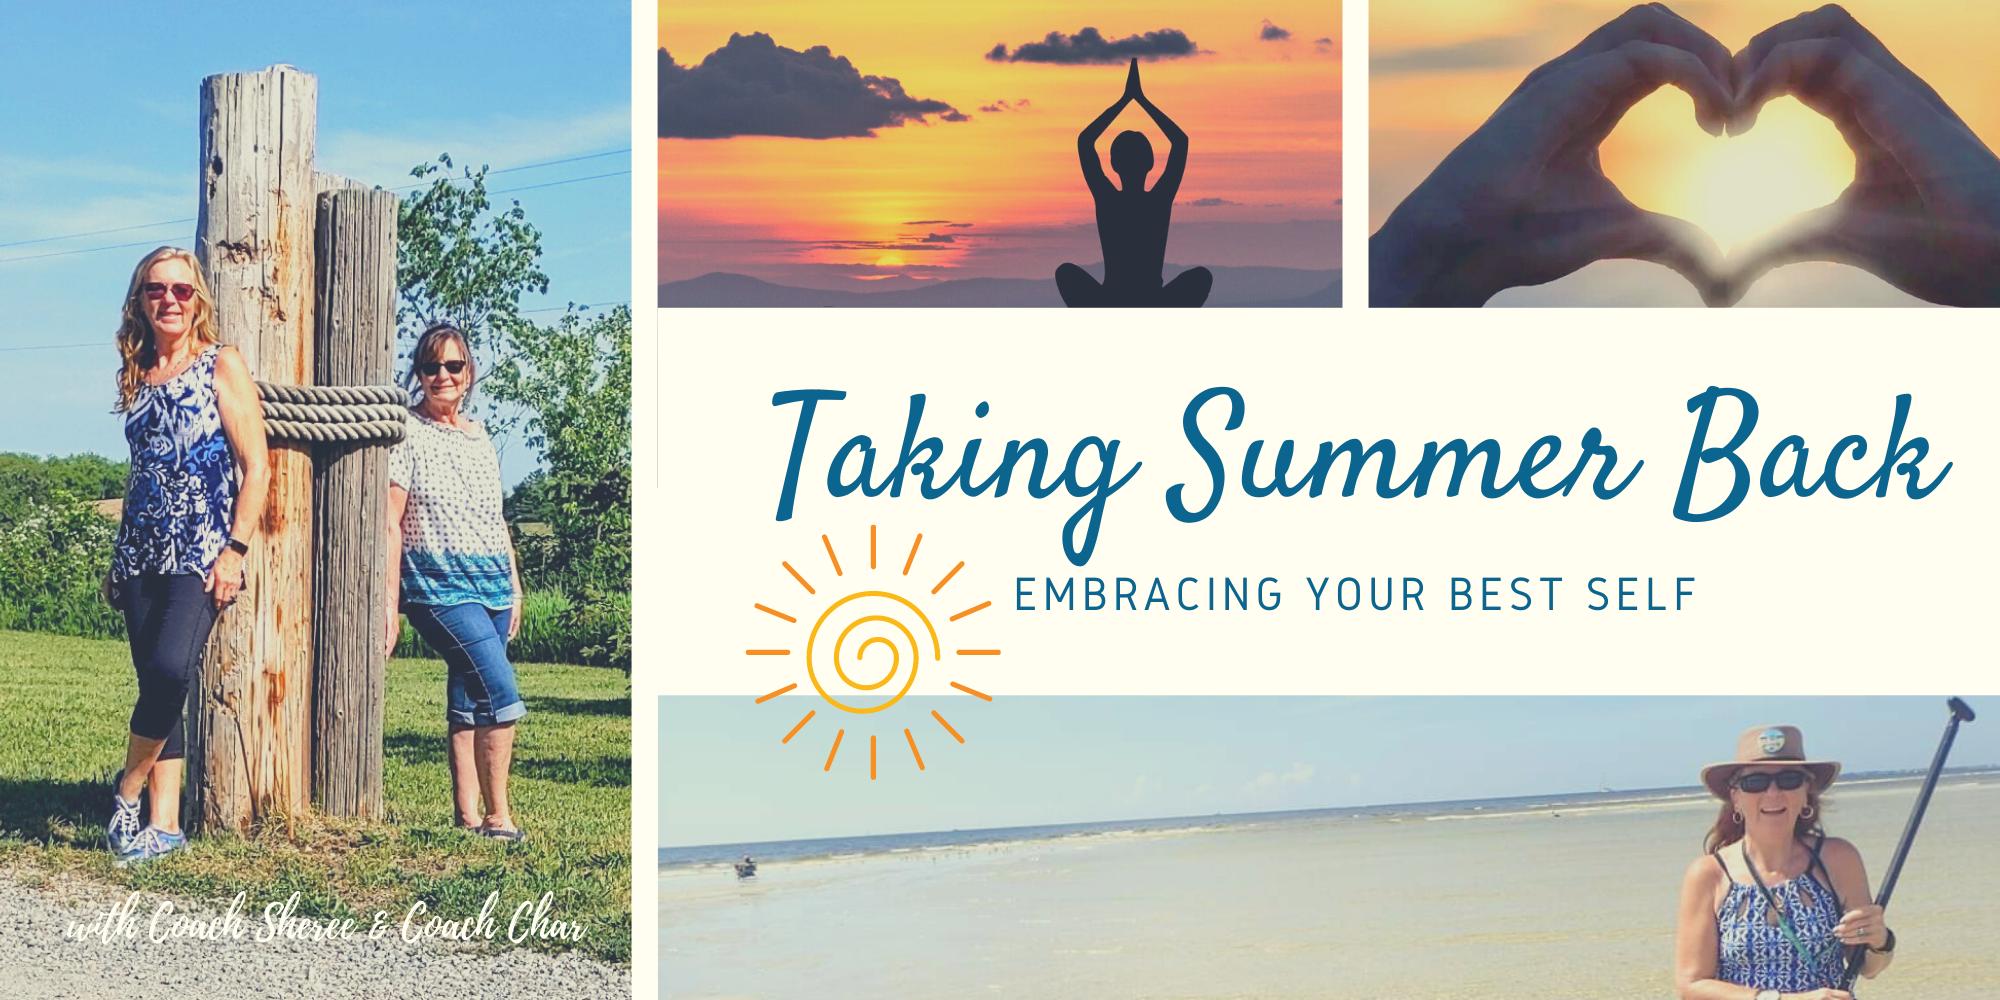 taking summer back facebook group banner - image